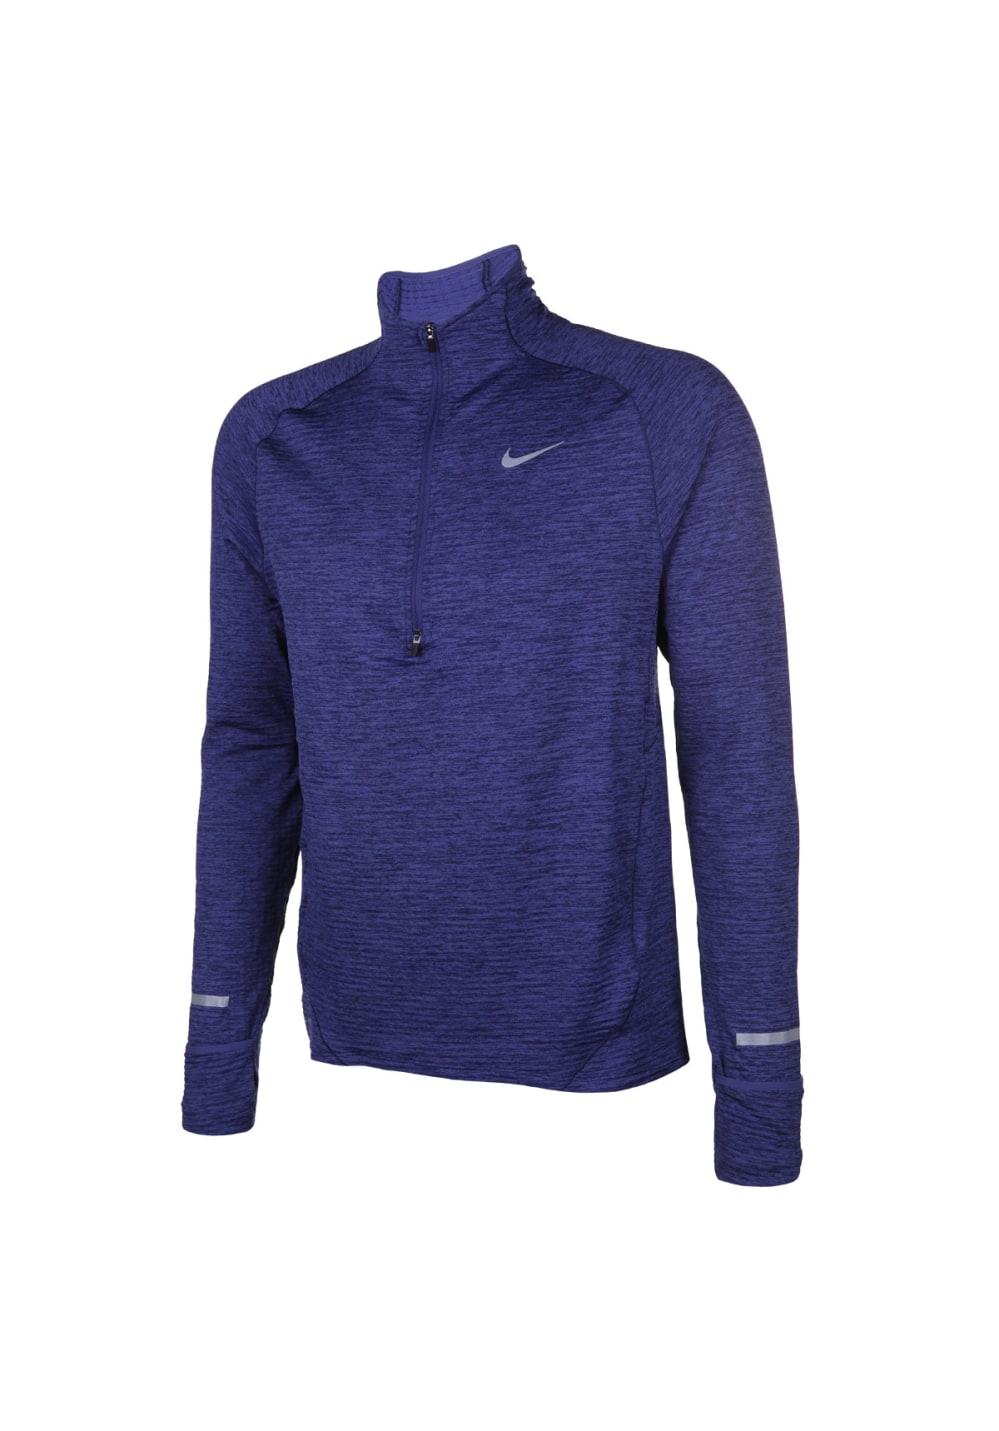 Nike Element Sphere Half-Zip Long Sleeve - Laufshirts für Herren - Blau, Gr. XL